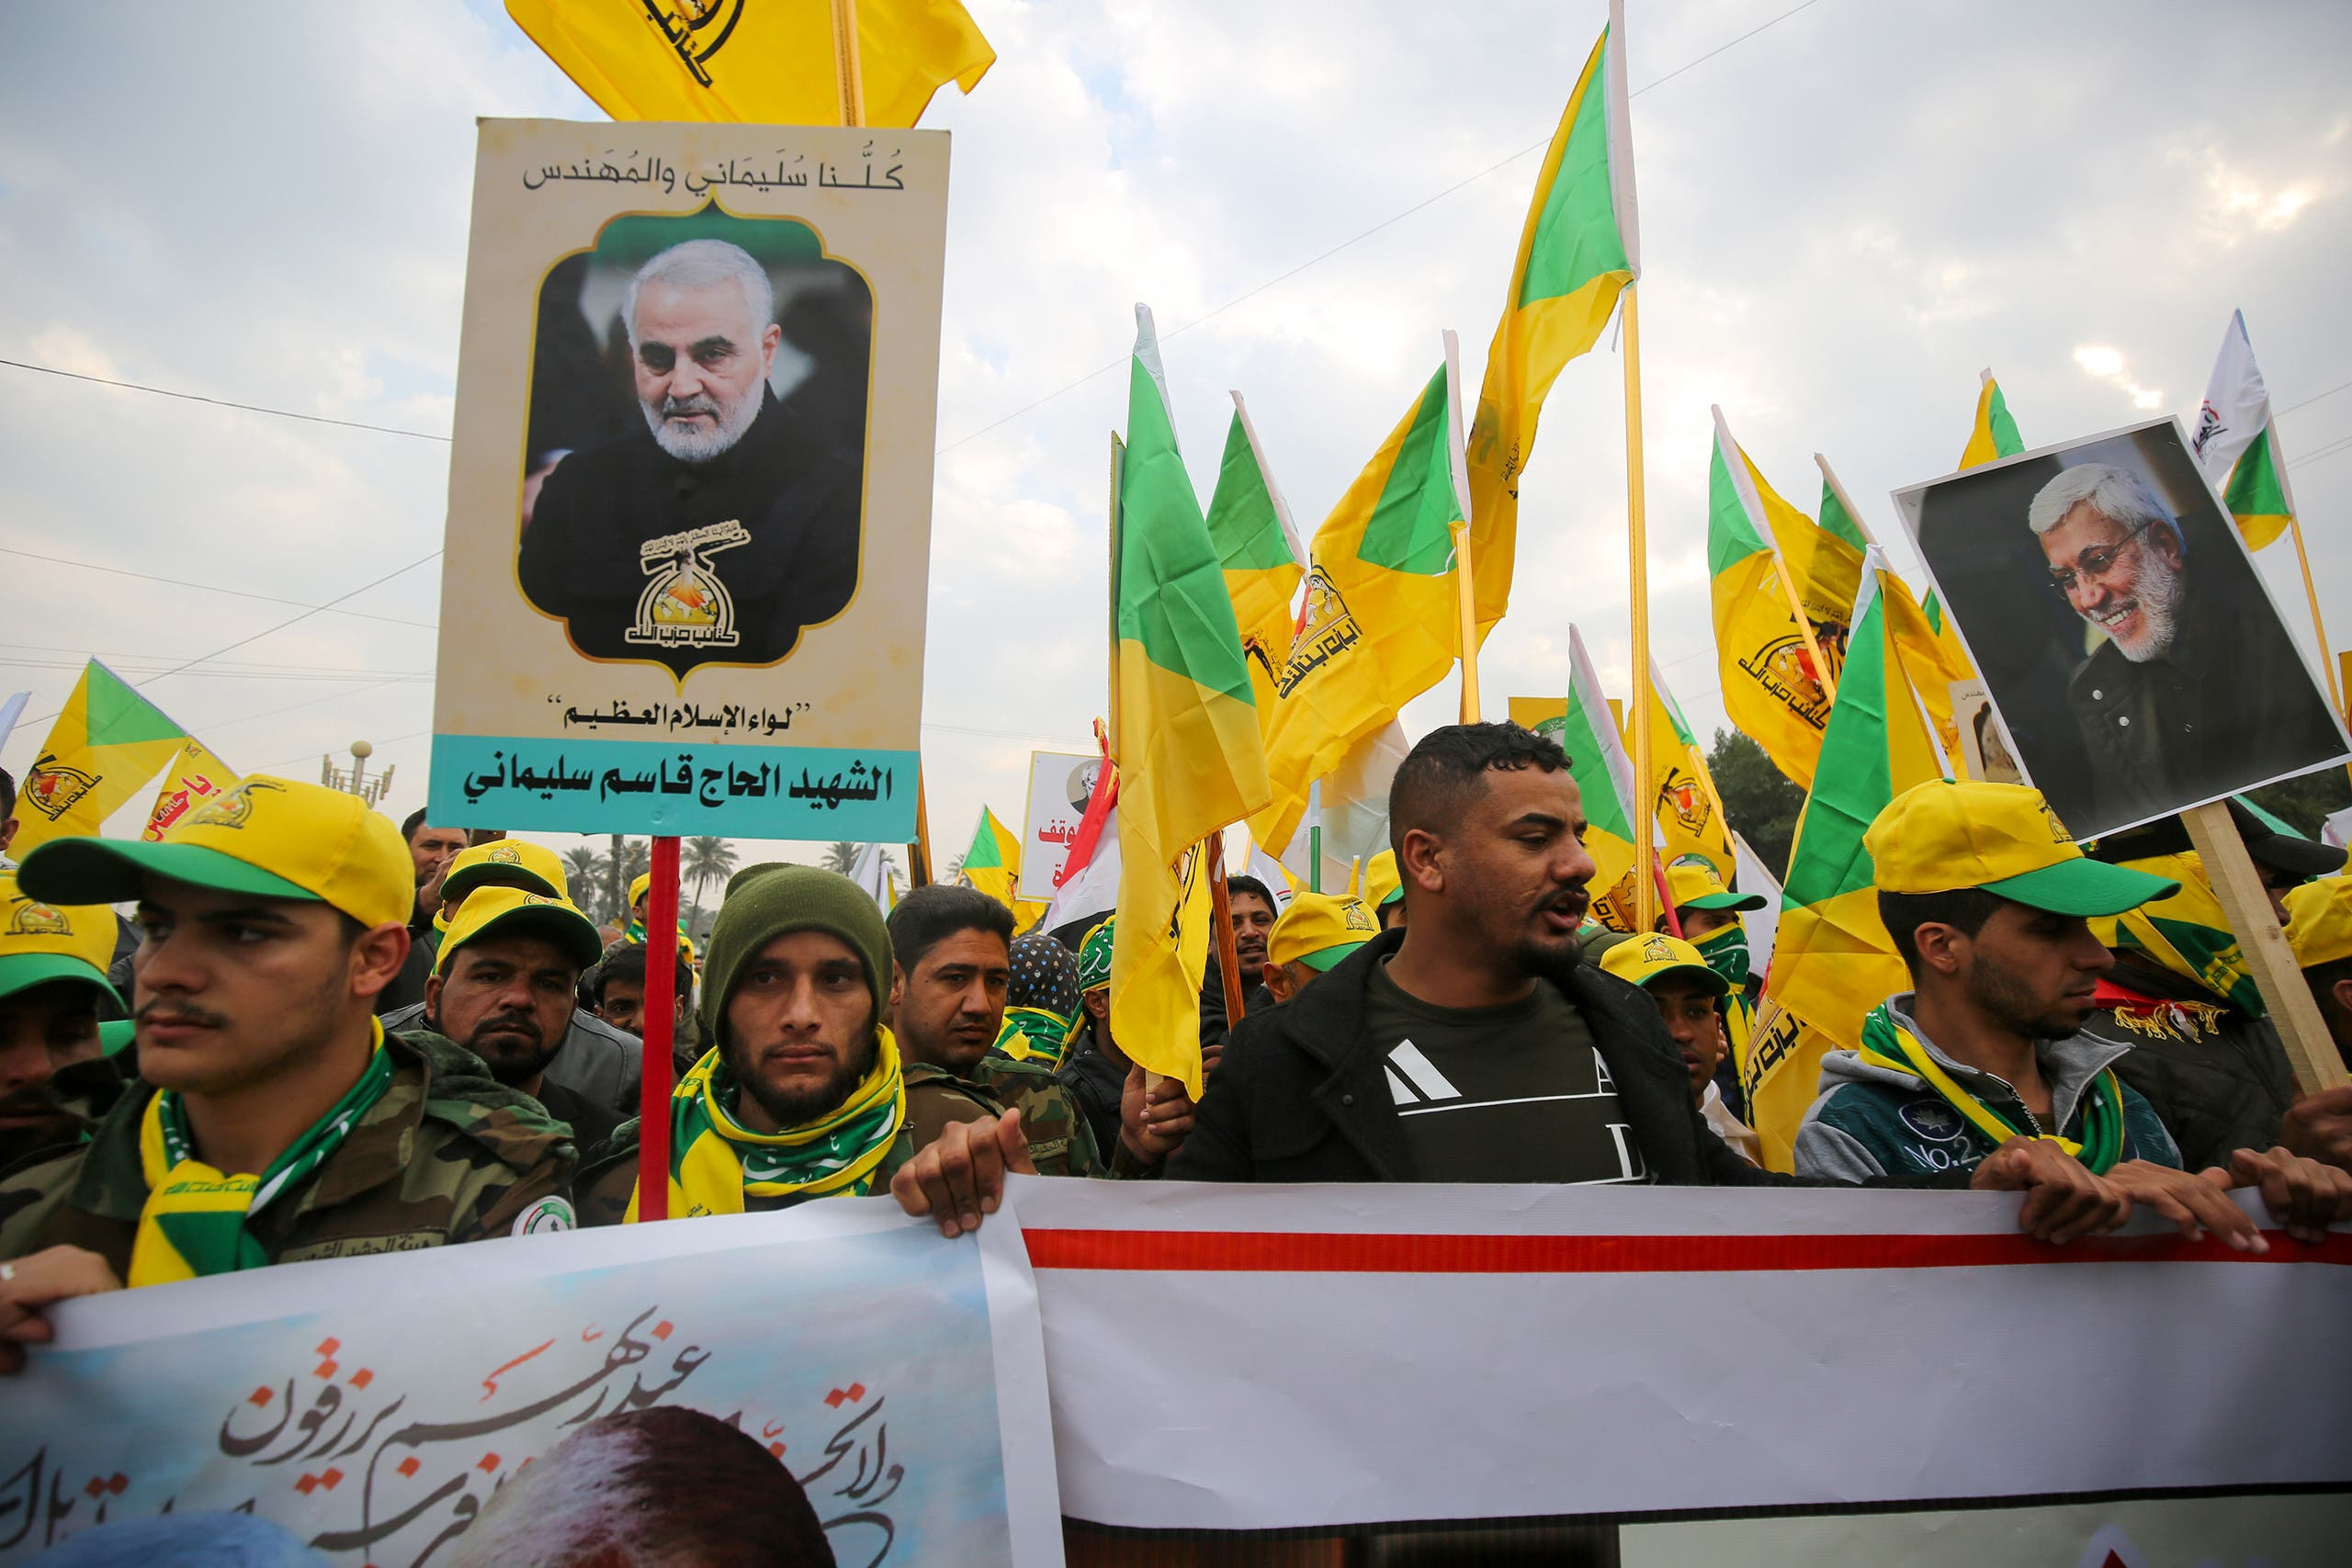 موالون لميليشيا الحشد الشعبي في العراق يرفعون صورة قائد فيلق القدس الإيراني السابق قاسم سليماني